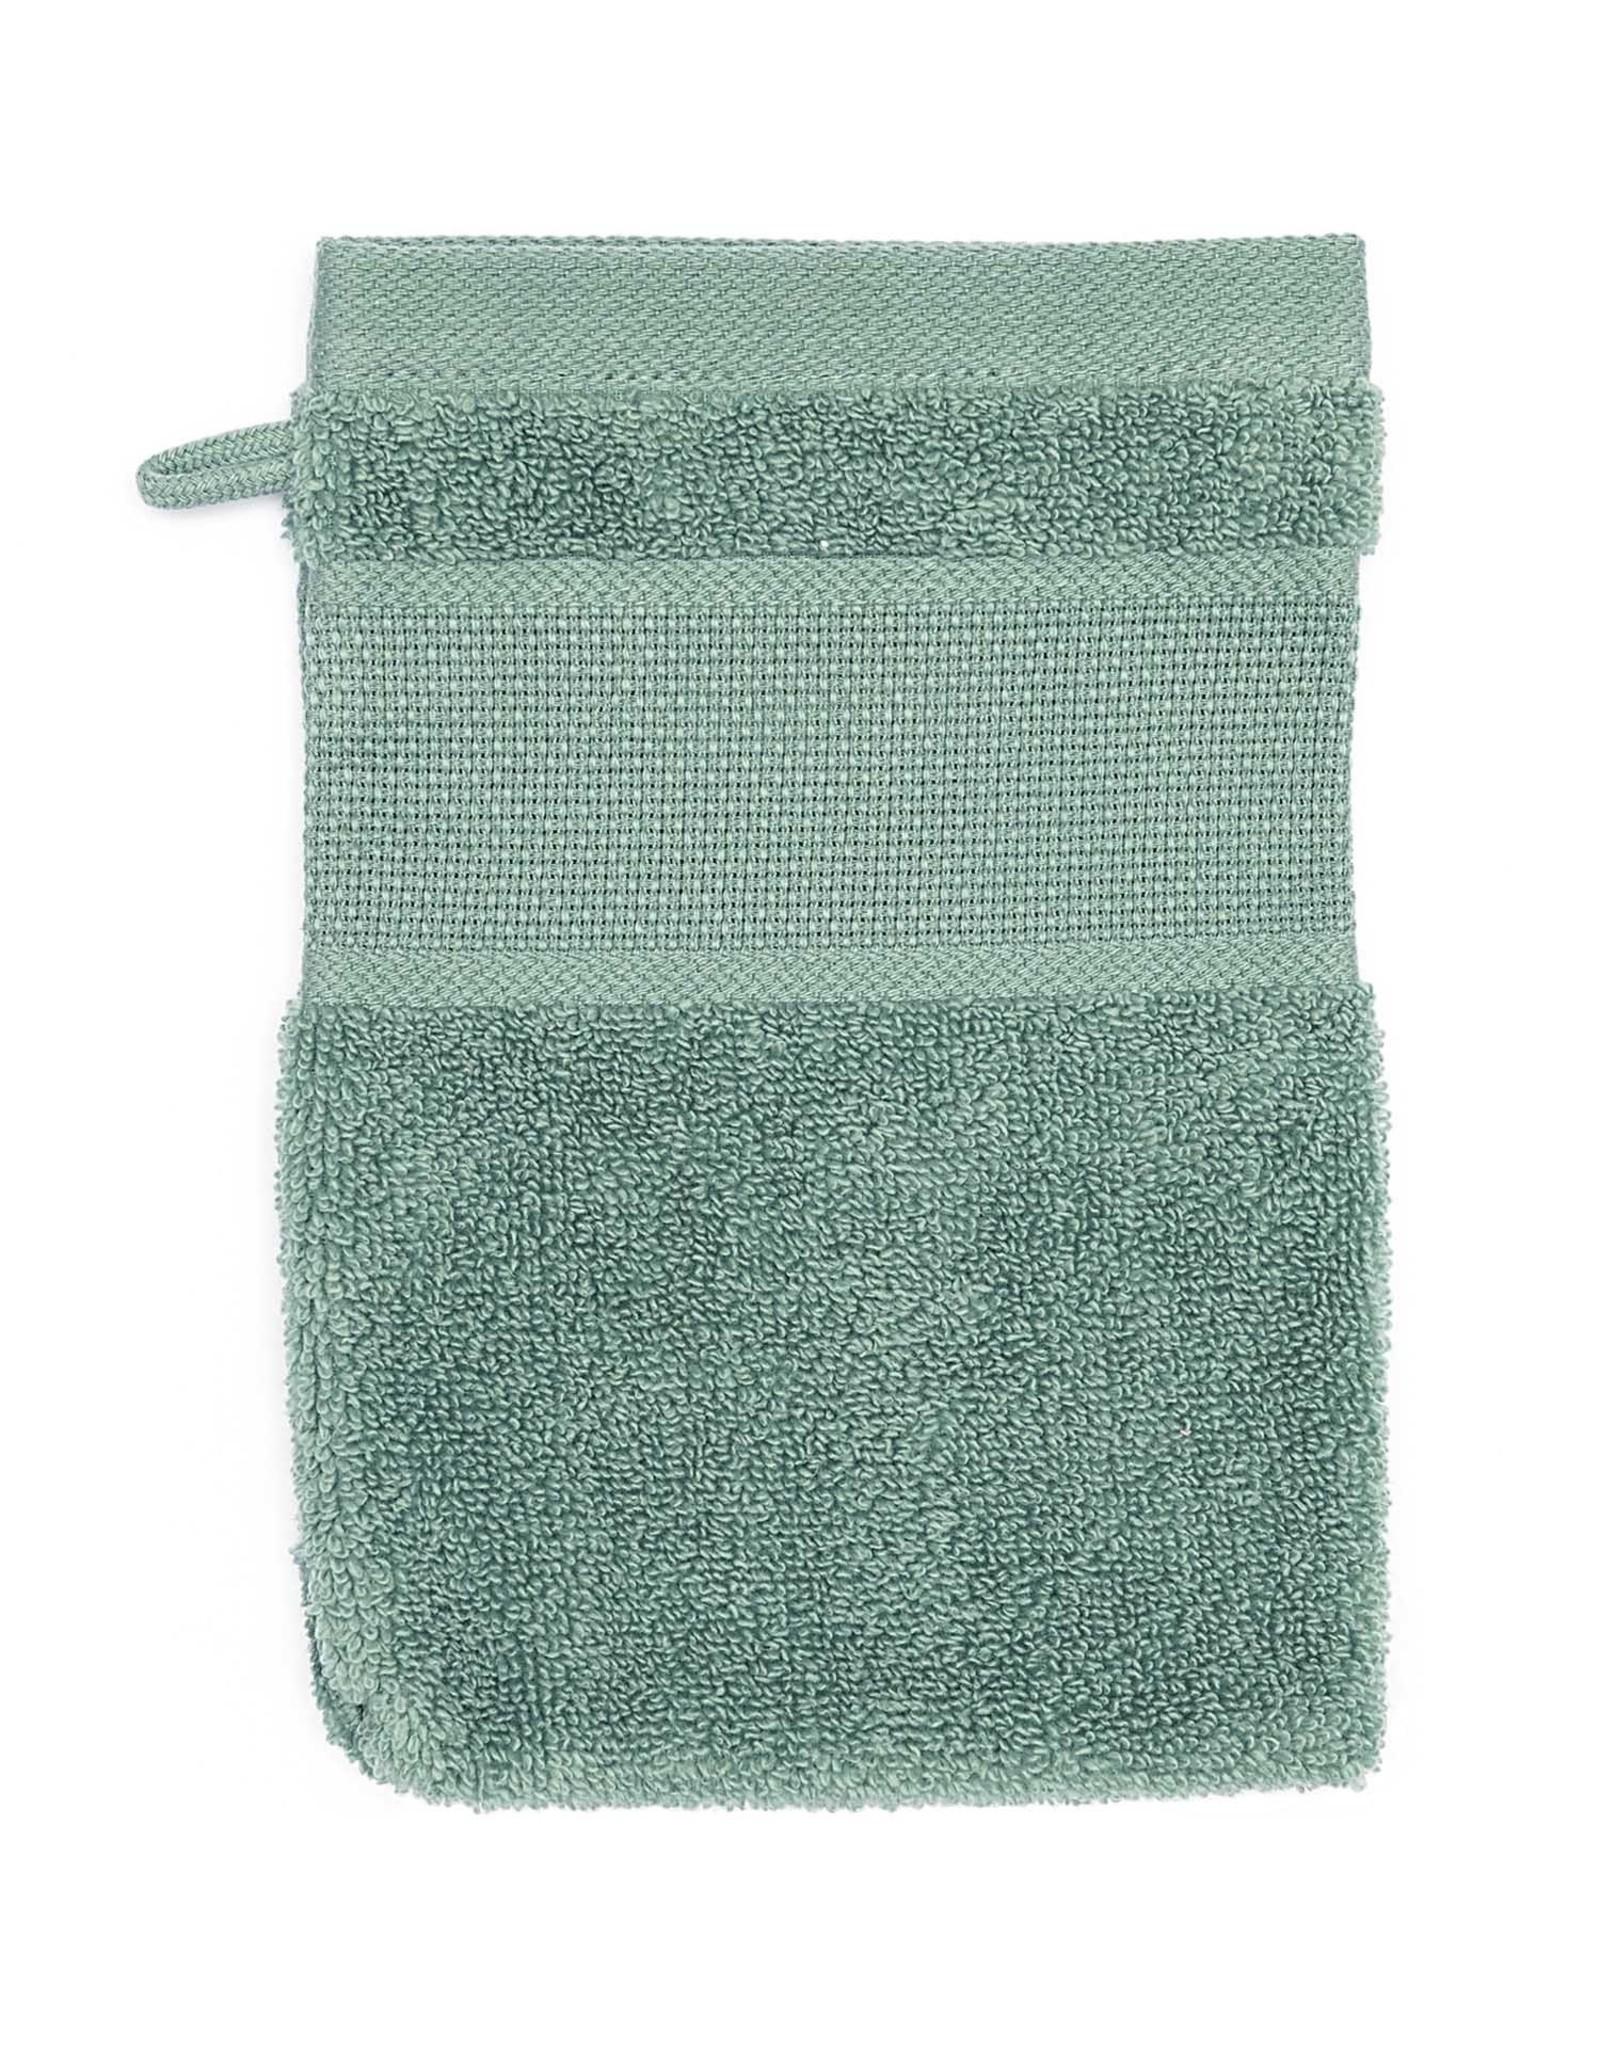 Rico Design Washandje groen aida 15/21 cm